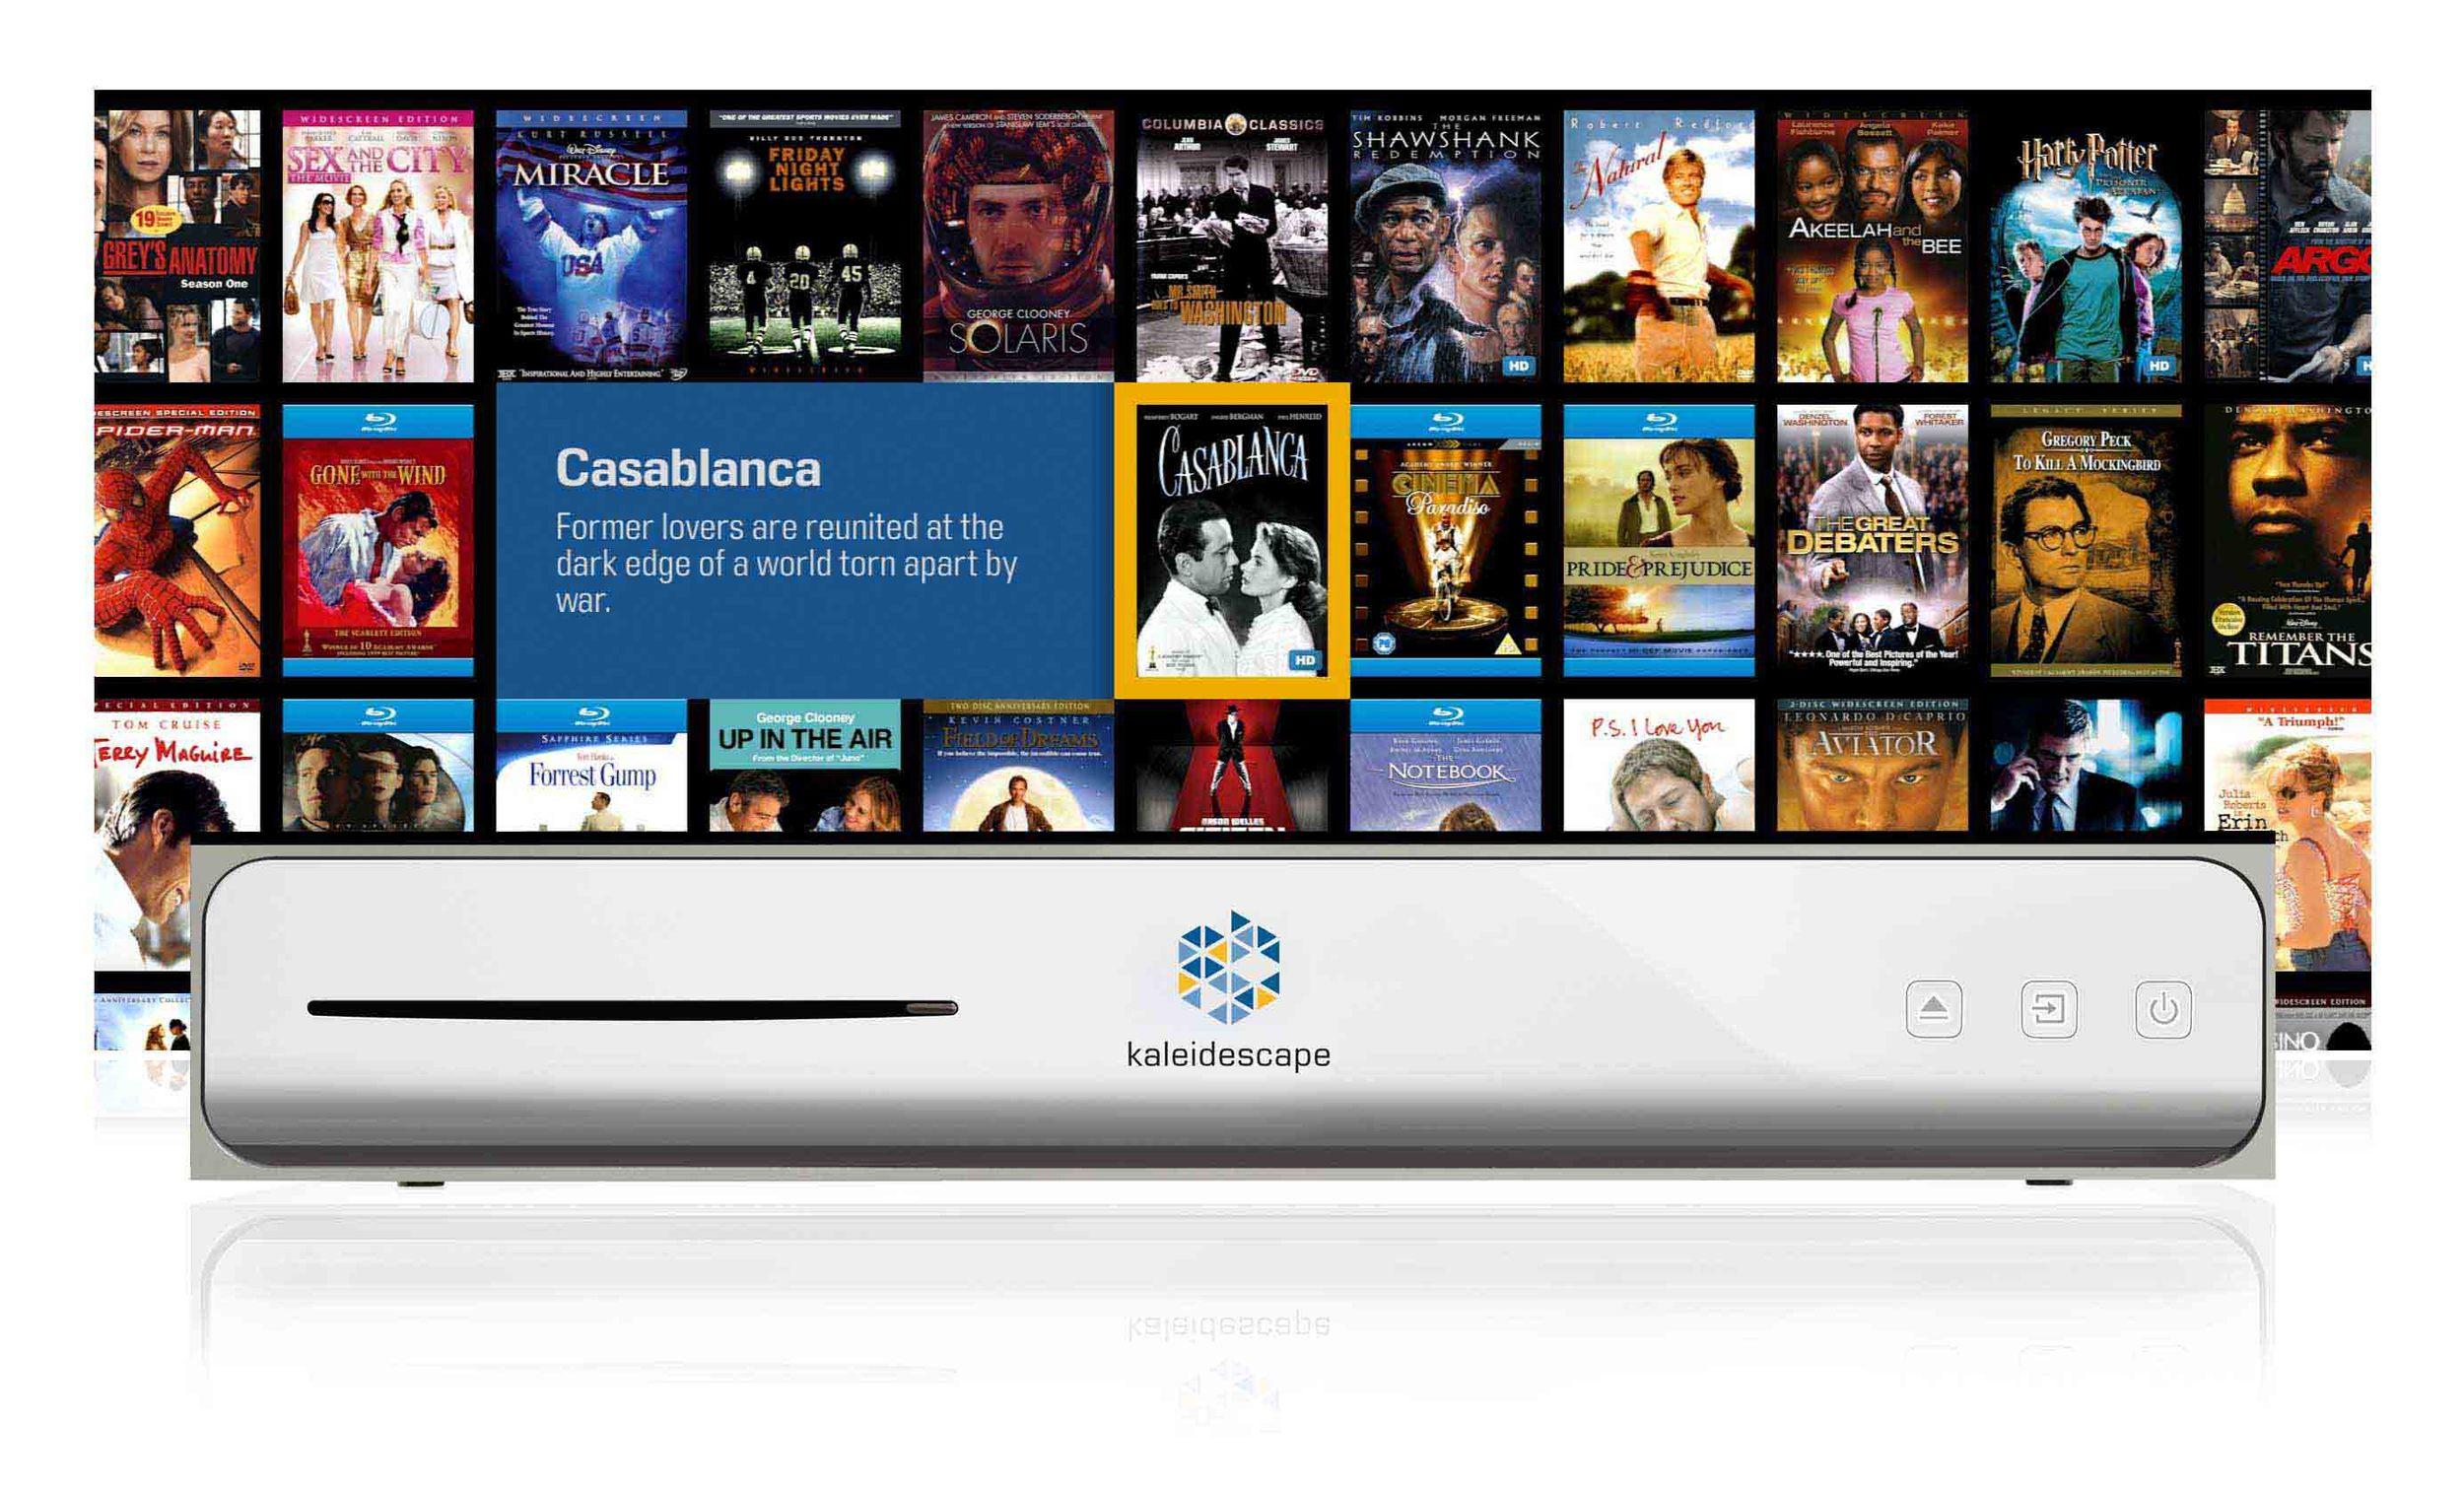 Kaleidescape-Blu-ray-Movie-Server.jpg